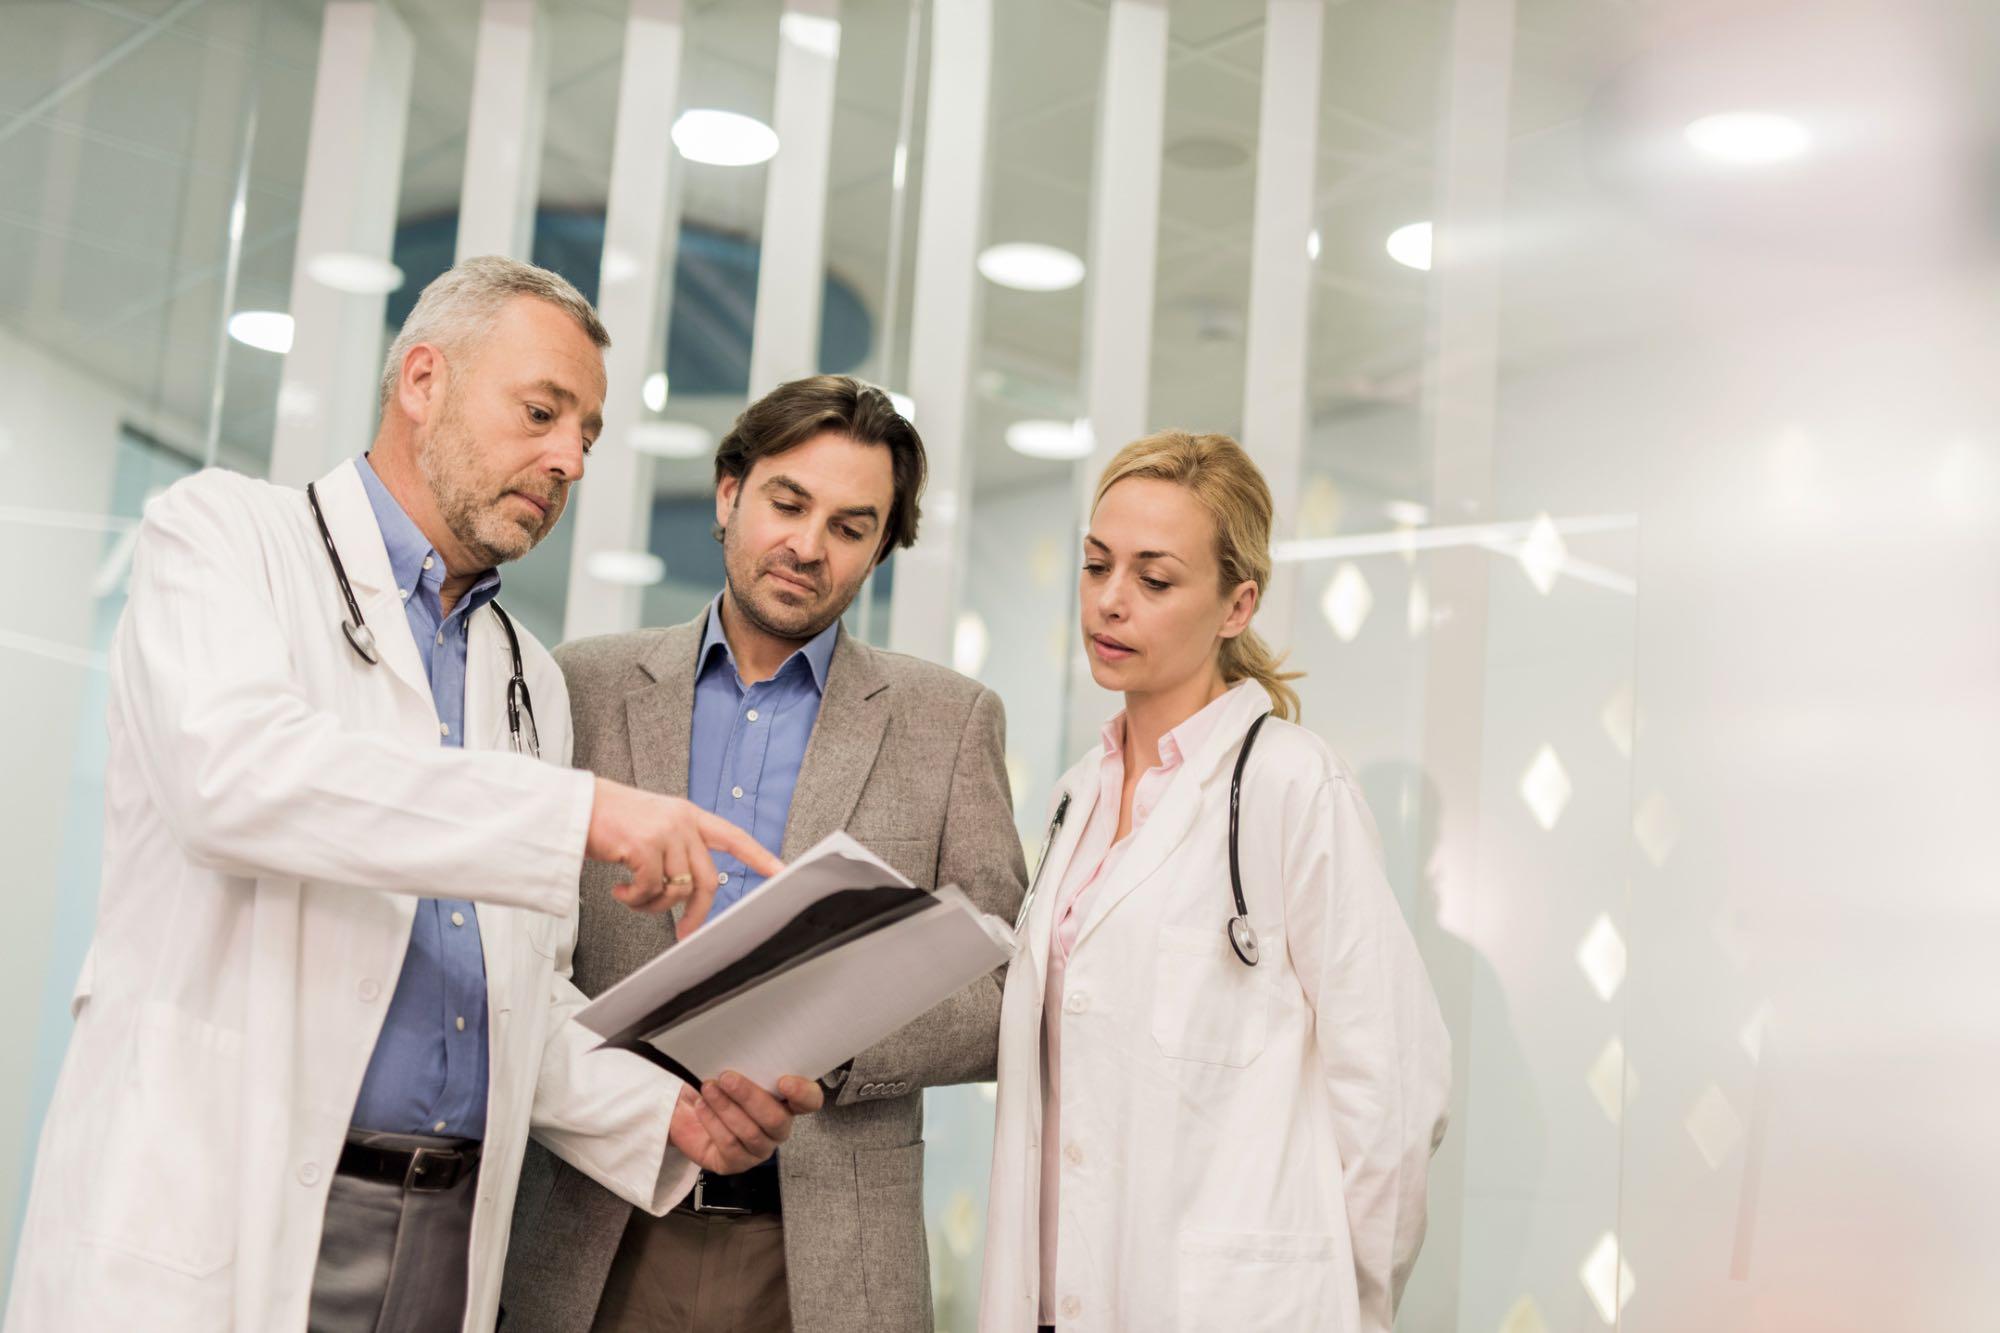 Como tornar-se um médico auditor estratégico: confira 6 hacks infalíveis